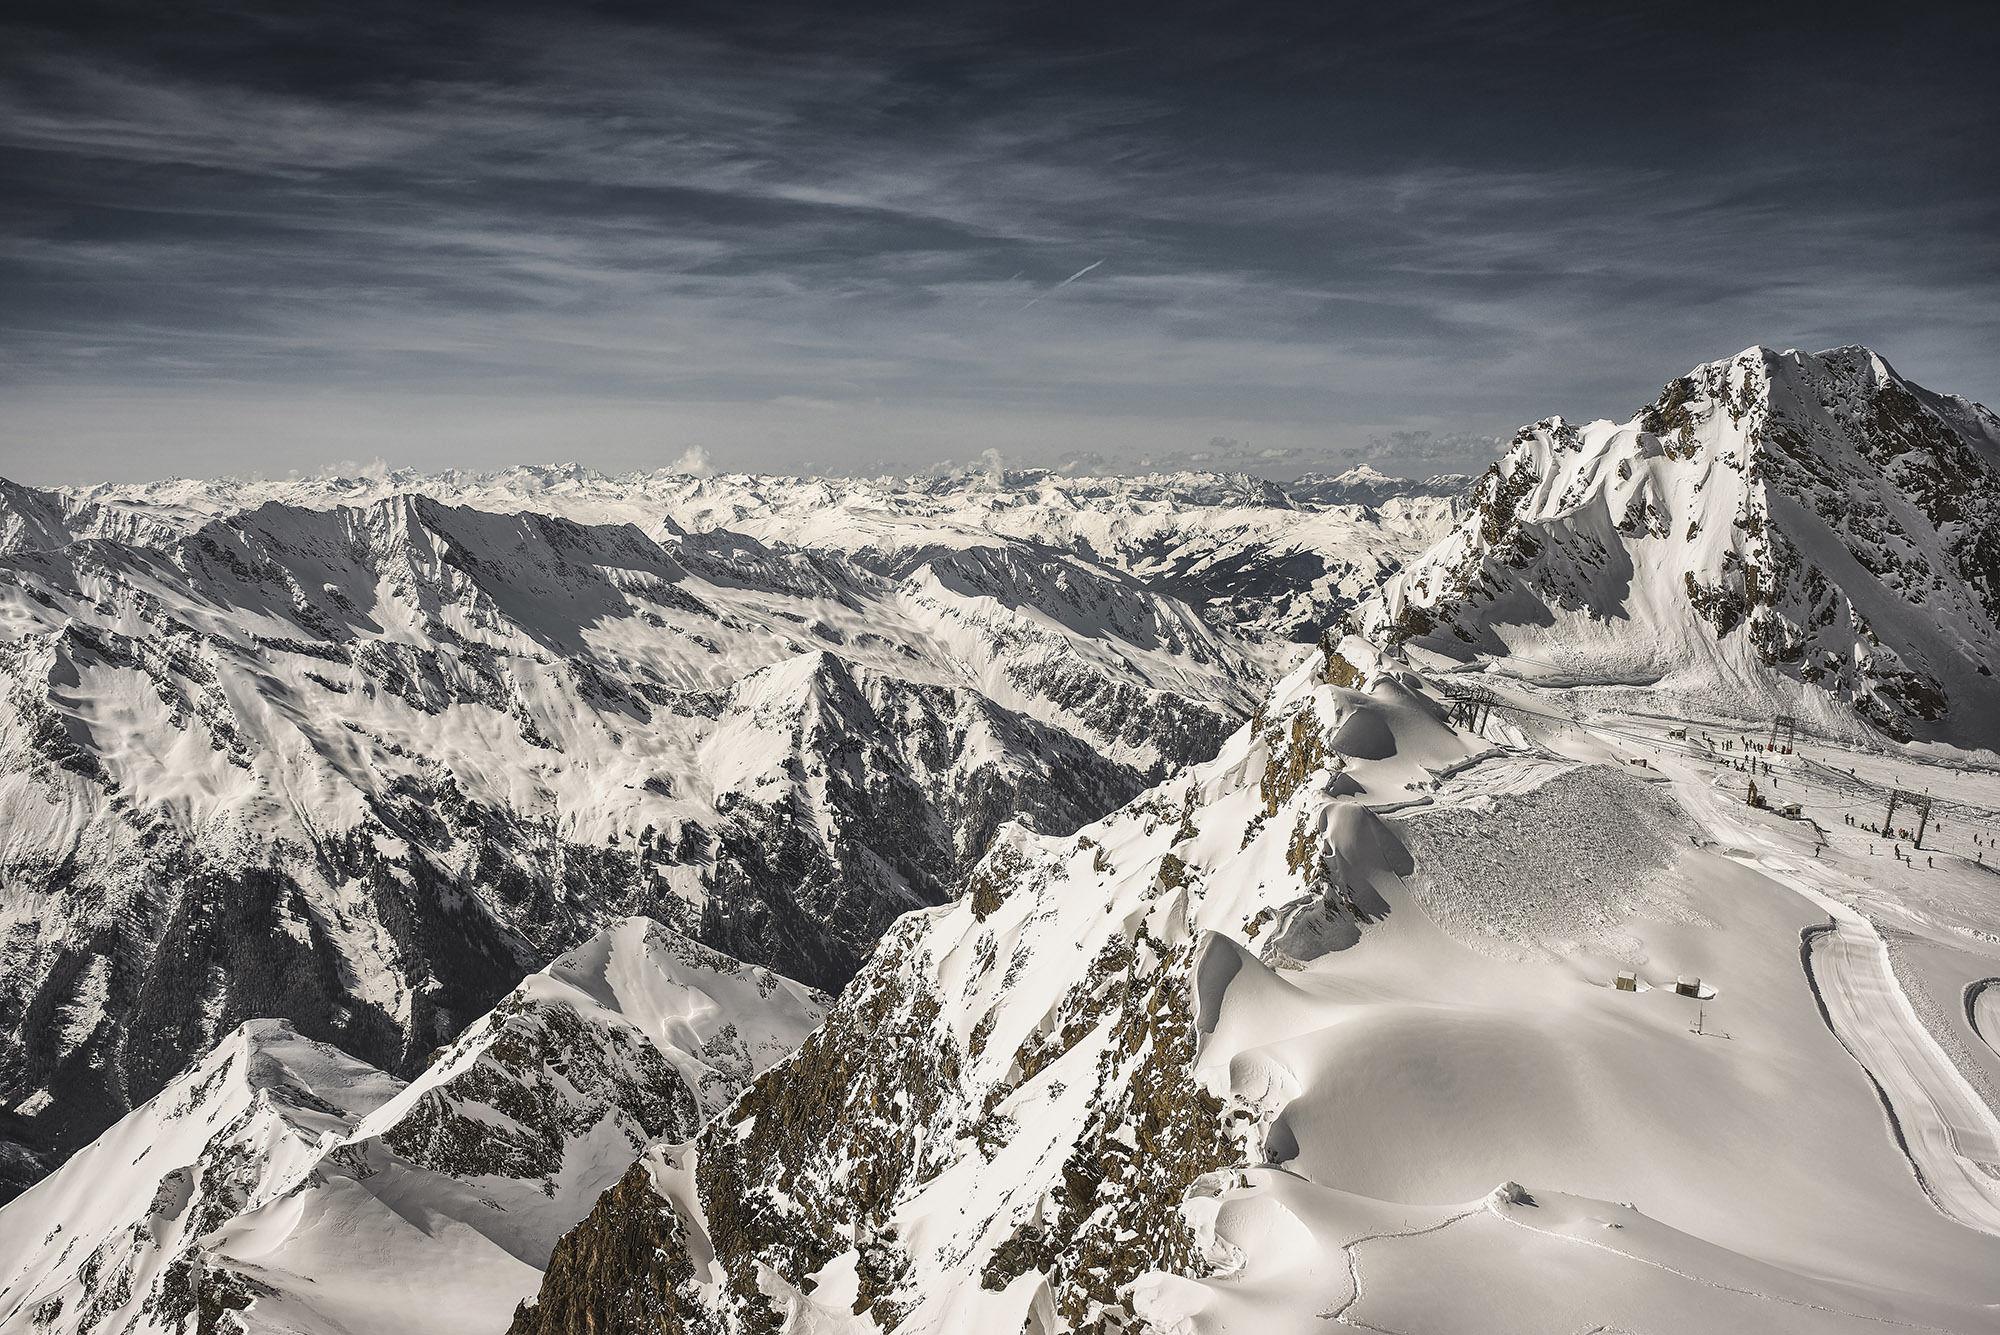 Kitzsteinhorn by Stephan Romer